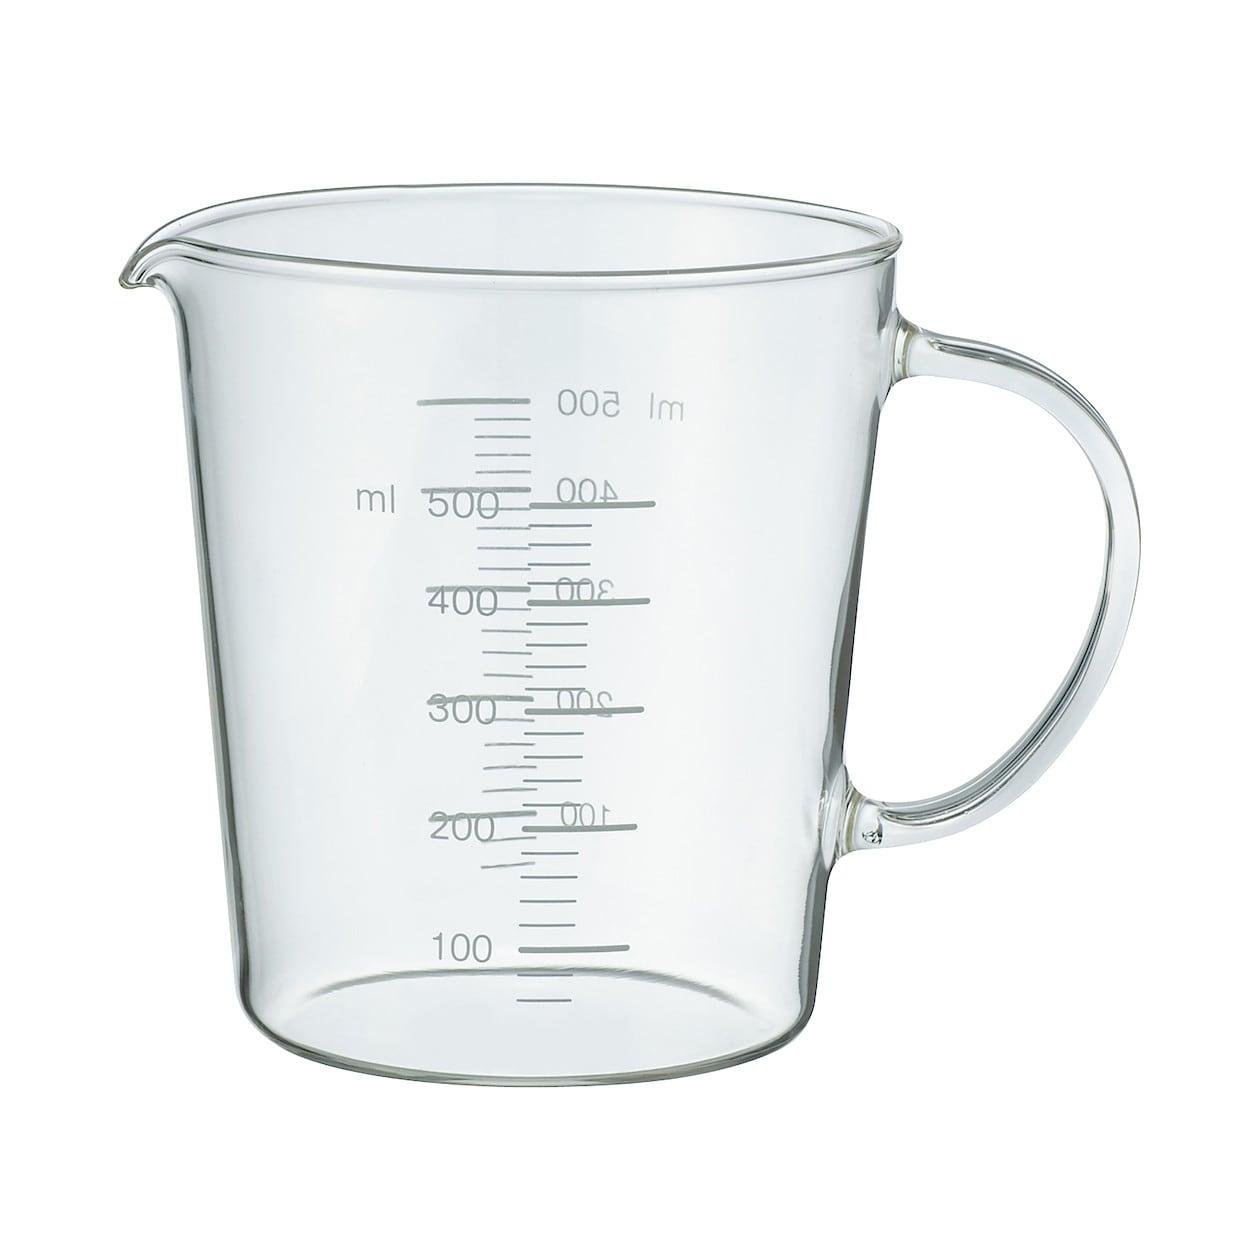 無印良品『耐熱ガラスメジャーカップ(15129706)』